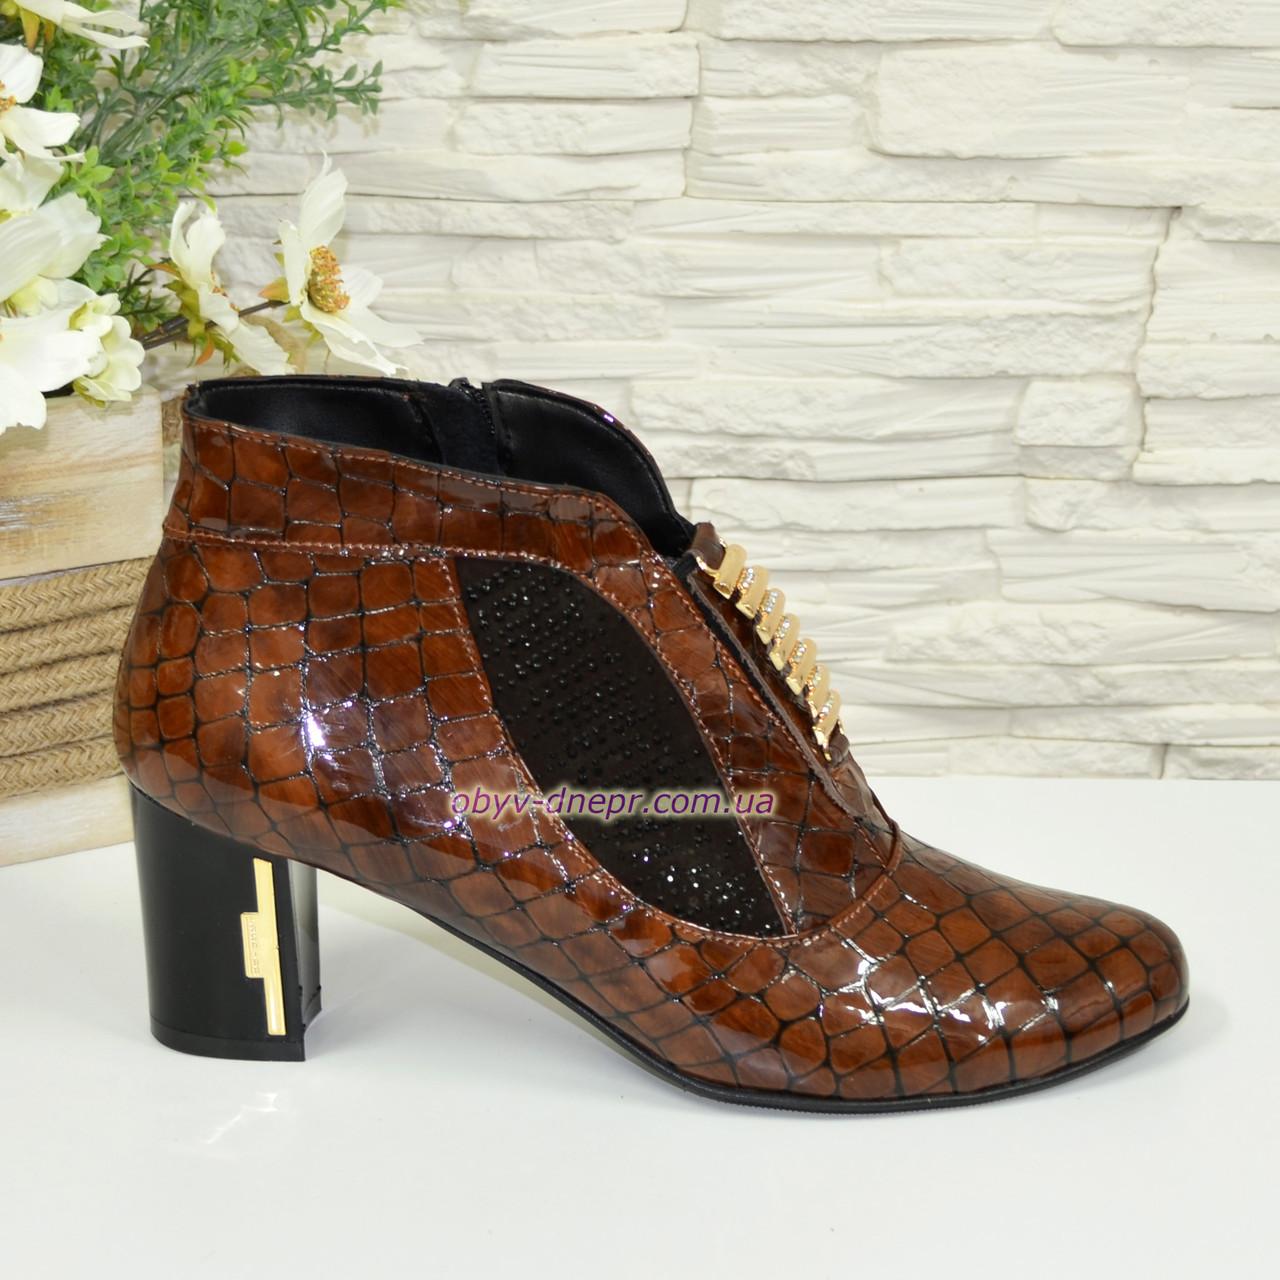 Стильные женские зимние ботинки, декорированы стразами и фурнитурой, кожа крокодил